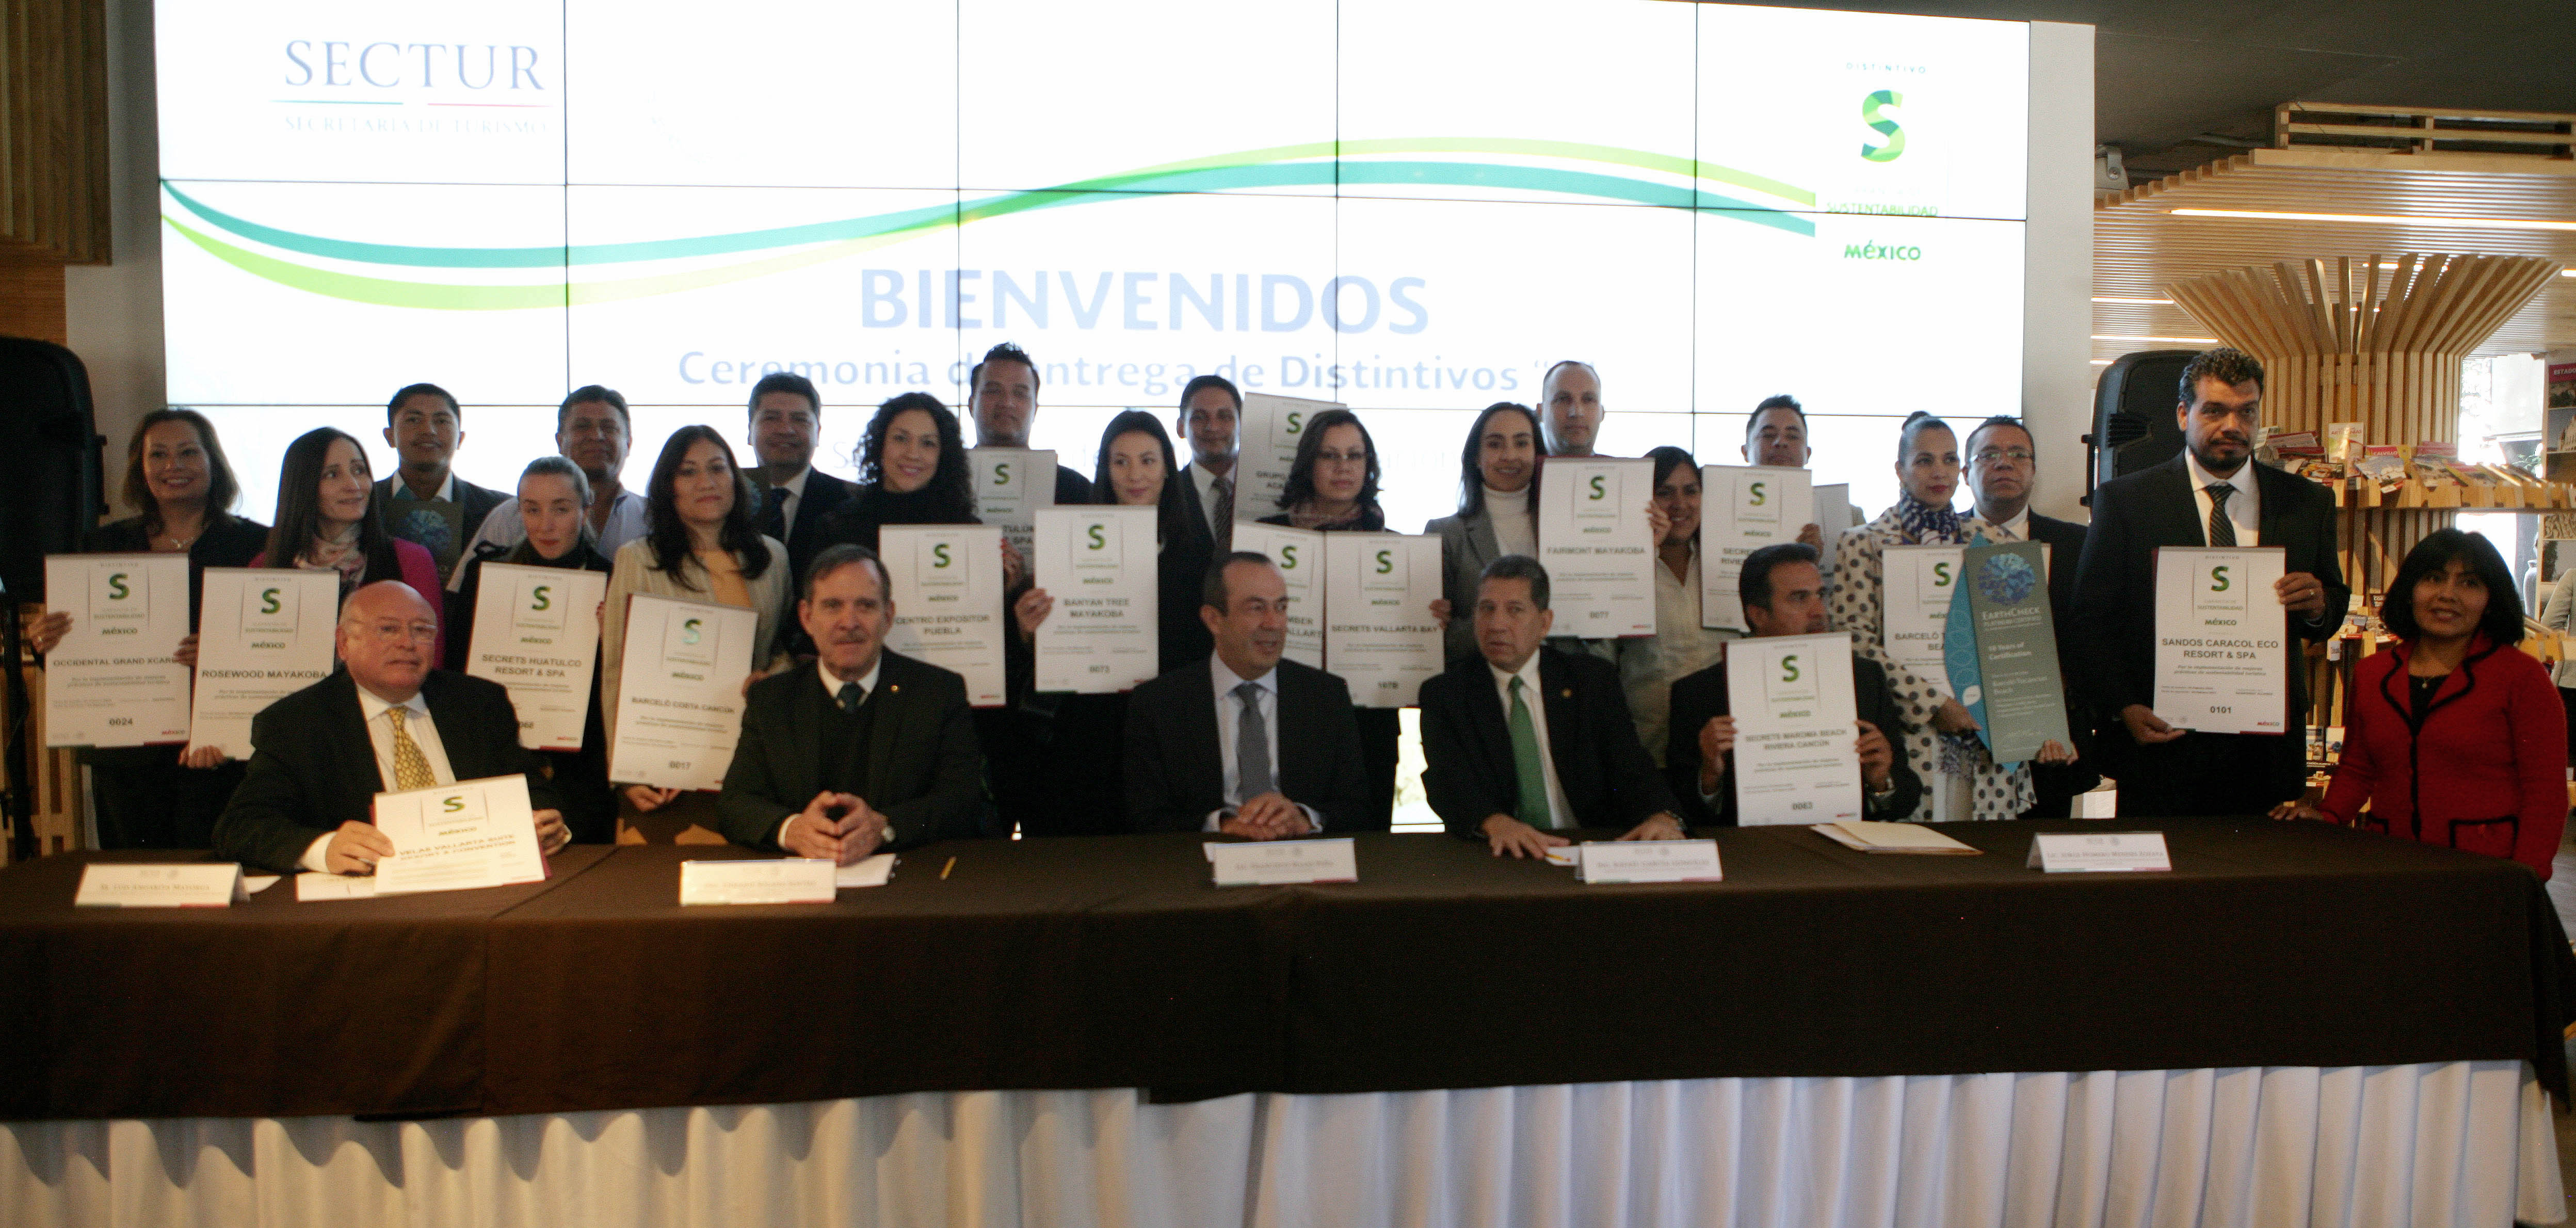 El Distintivo S tiene el potencial de ahorrar $8 billones de pesos al turismo en México